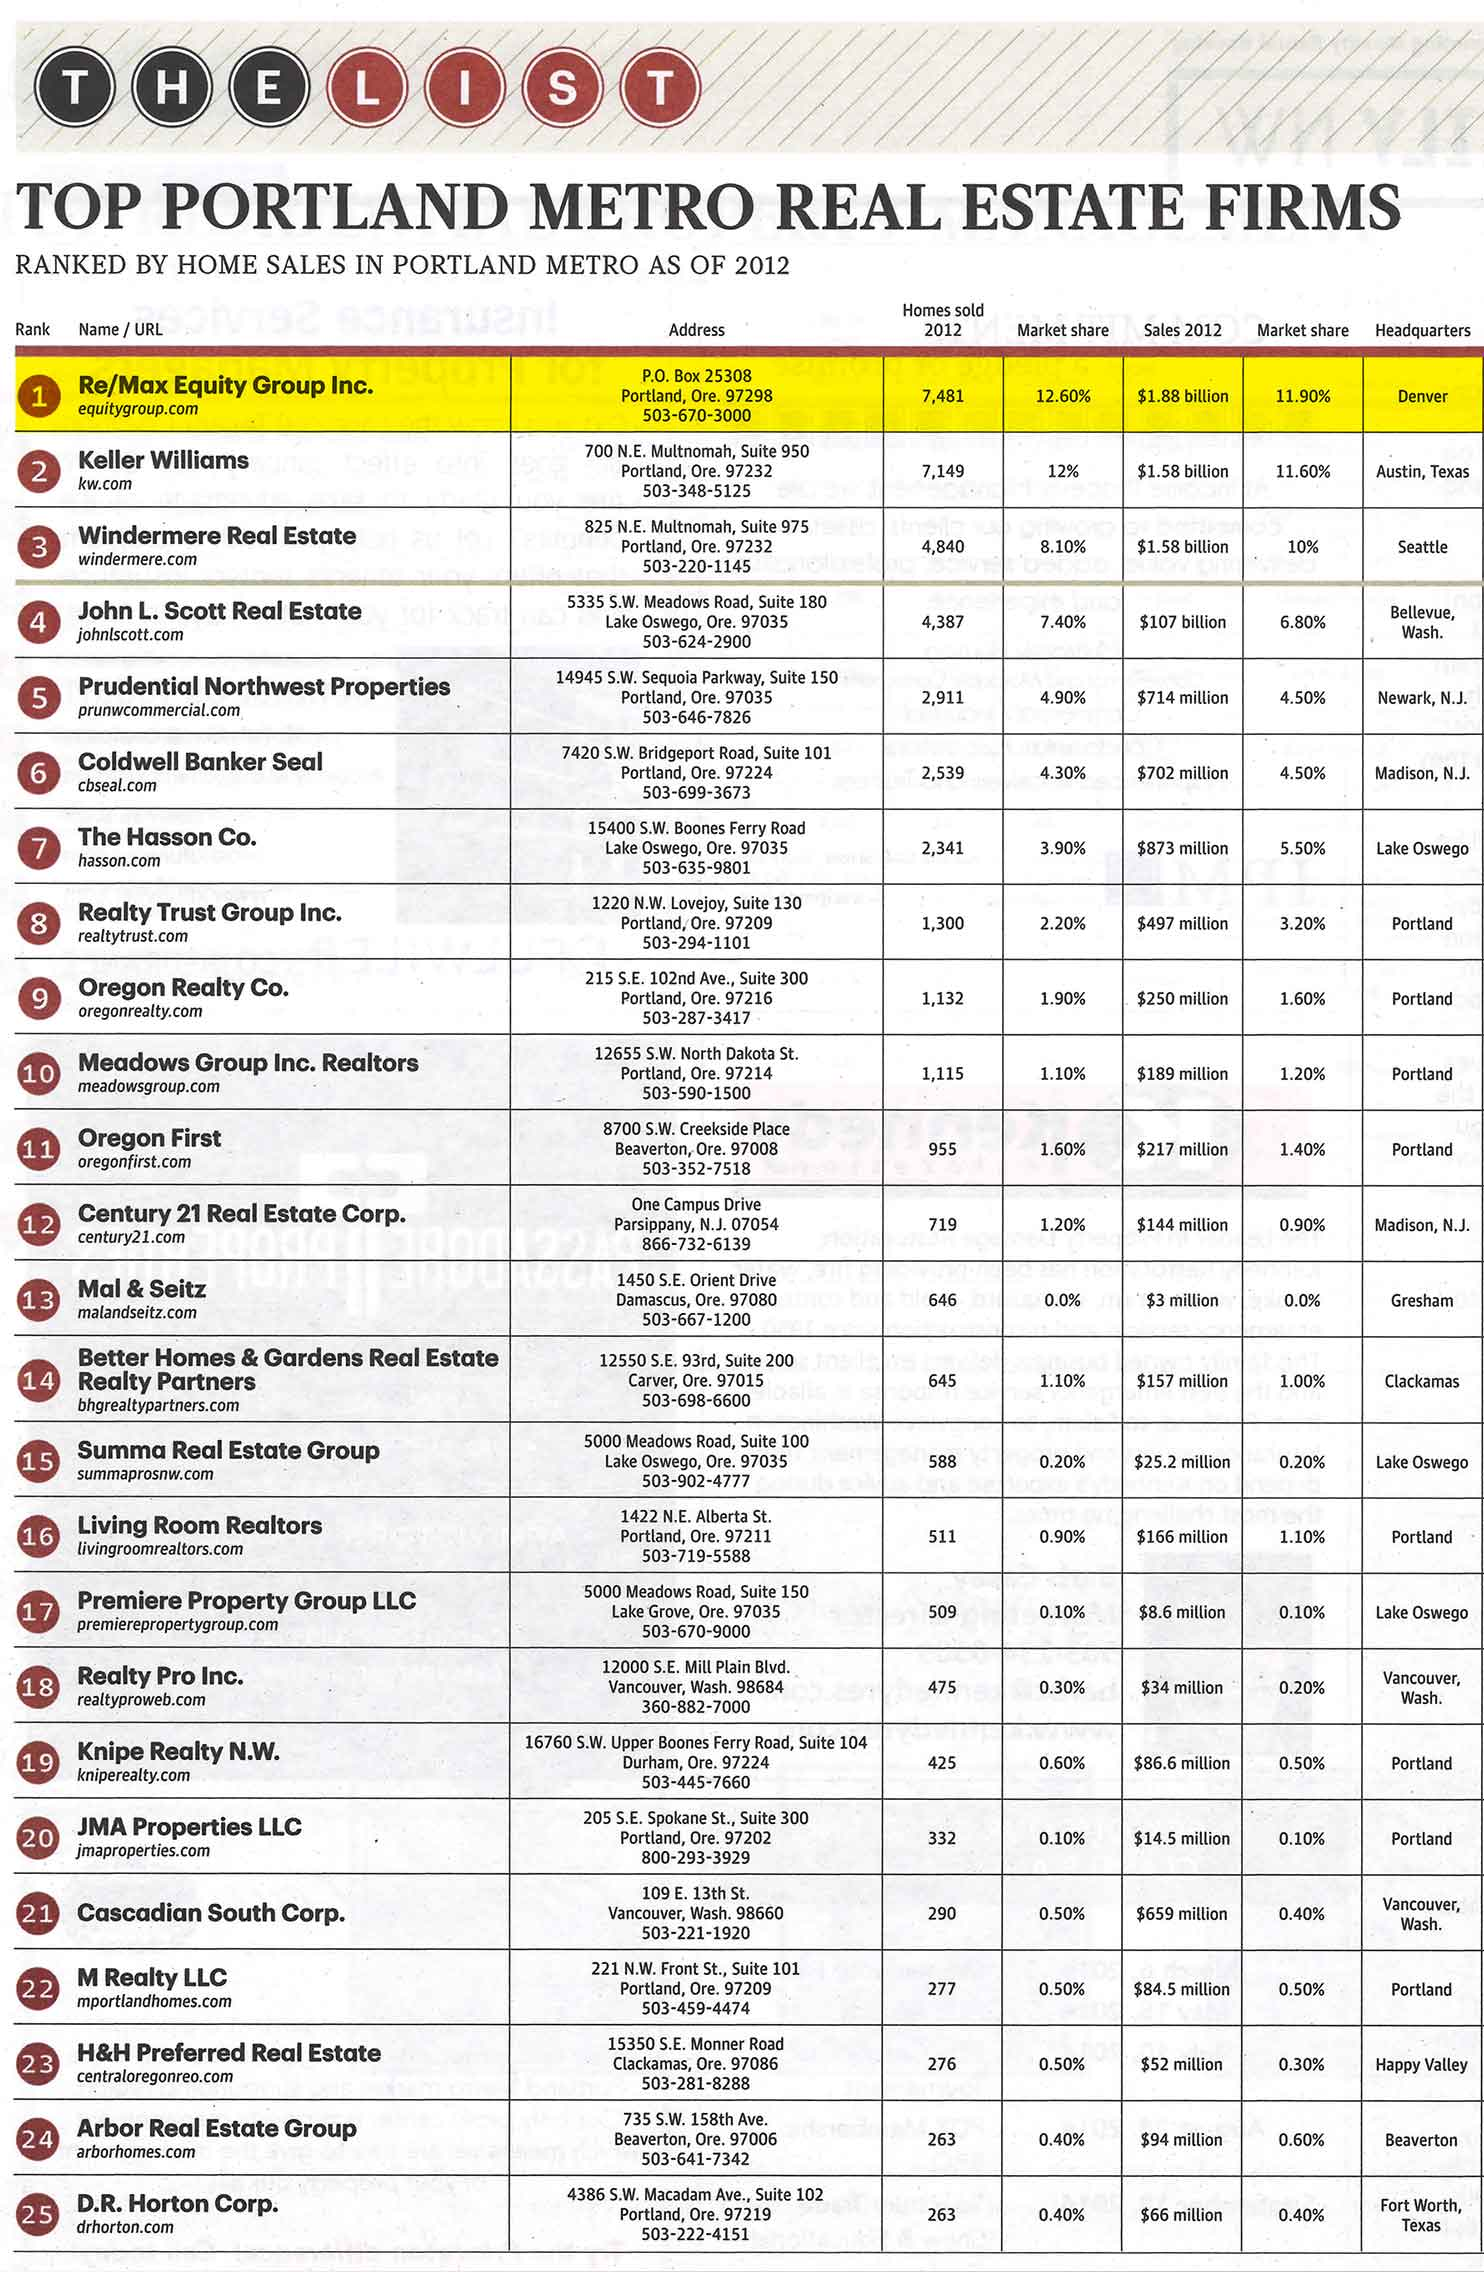 PBJ_Top_RE_Firms_2012 Production